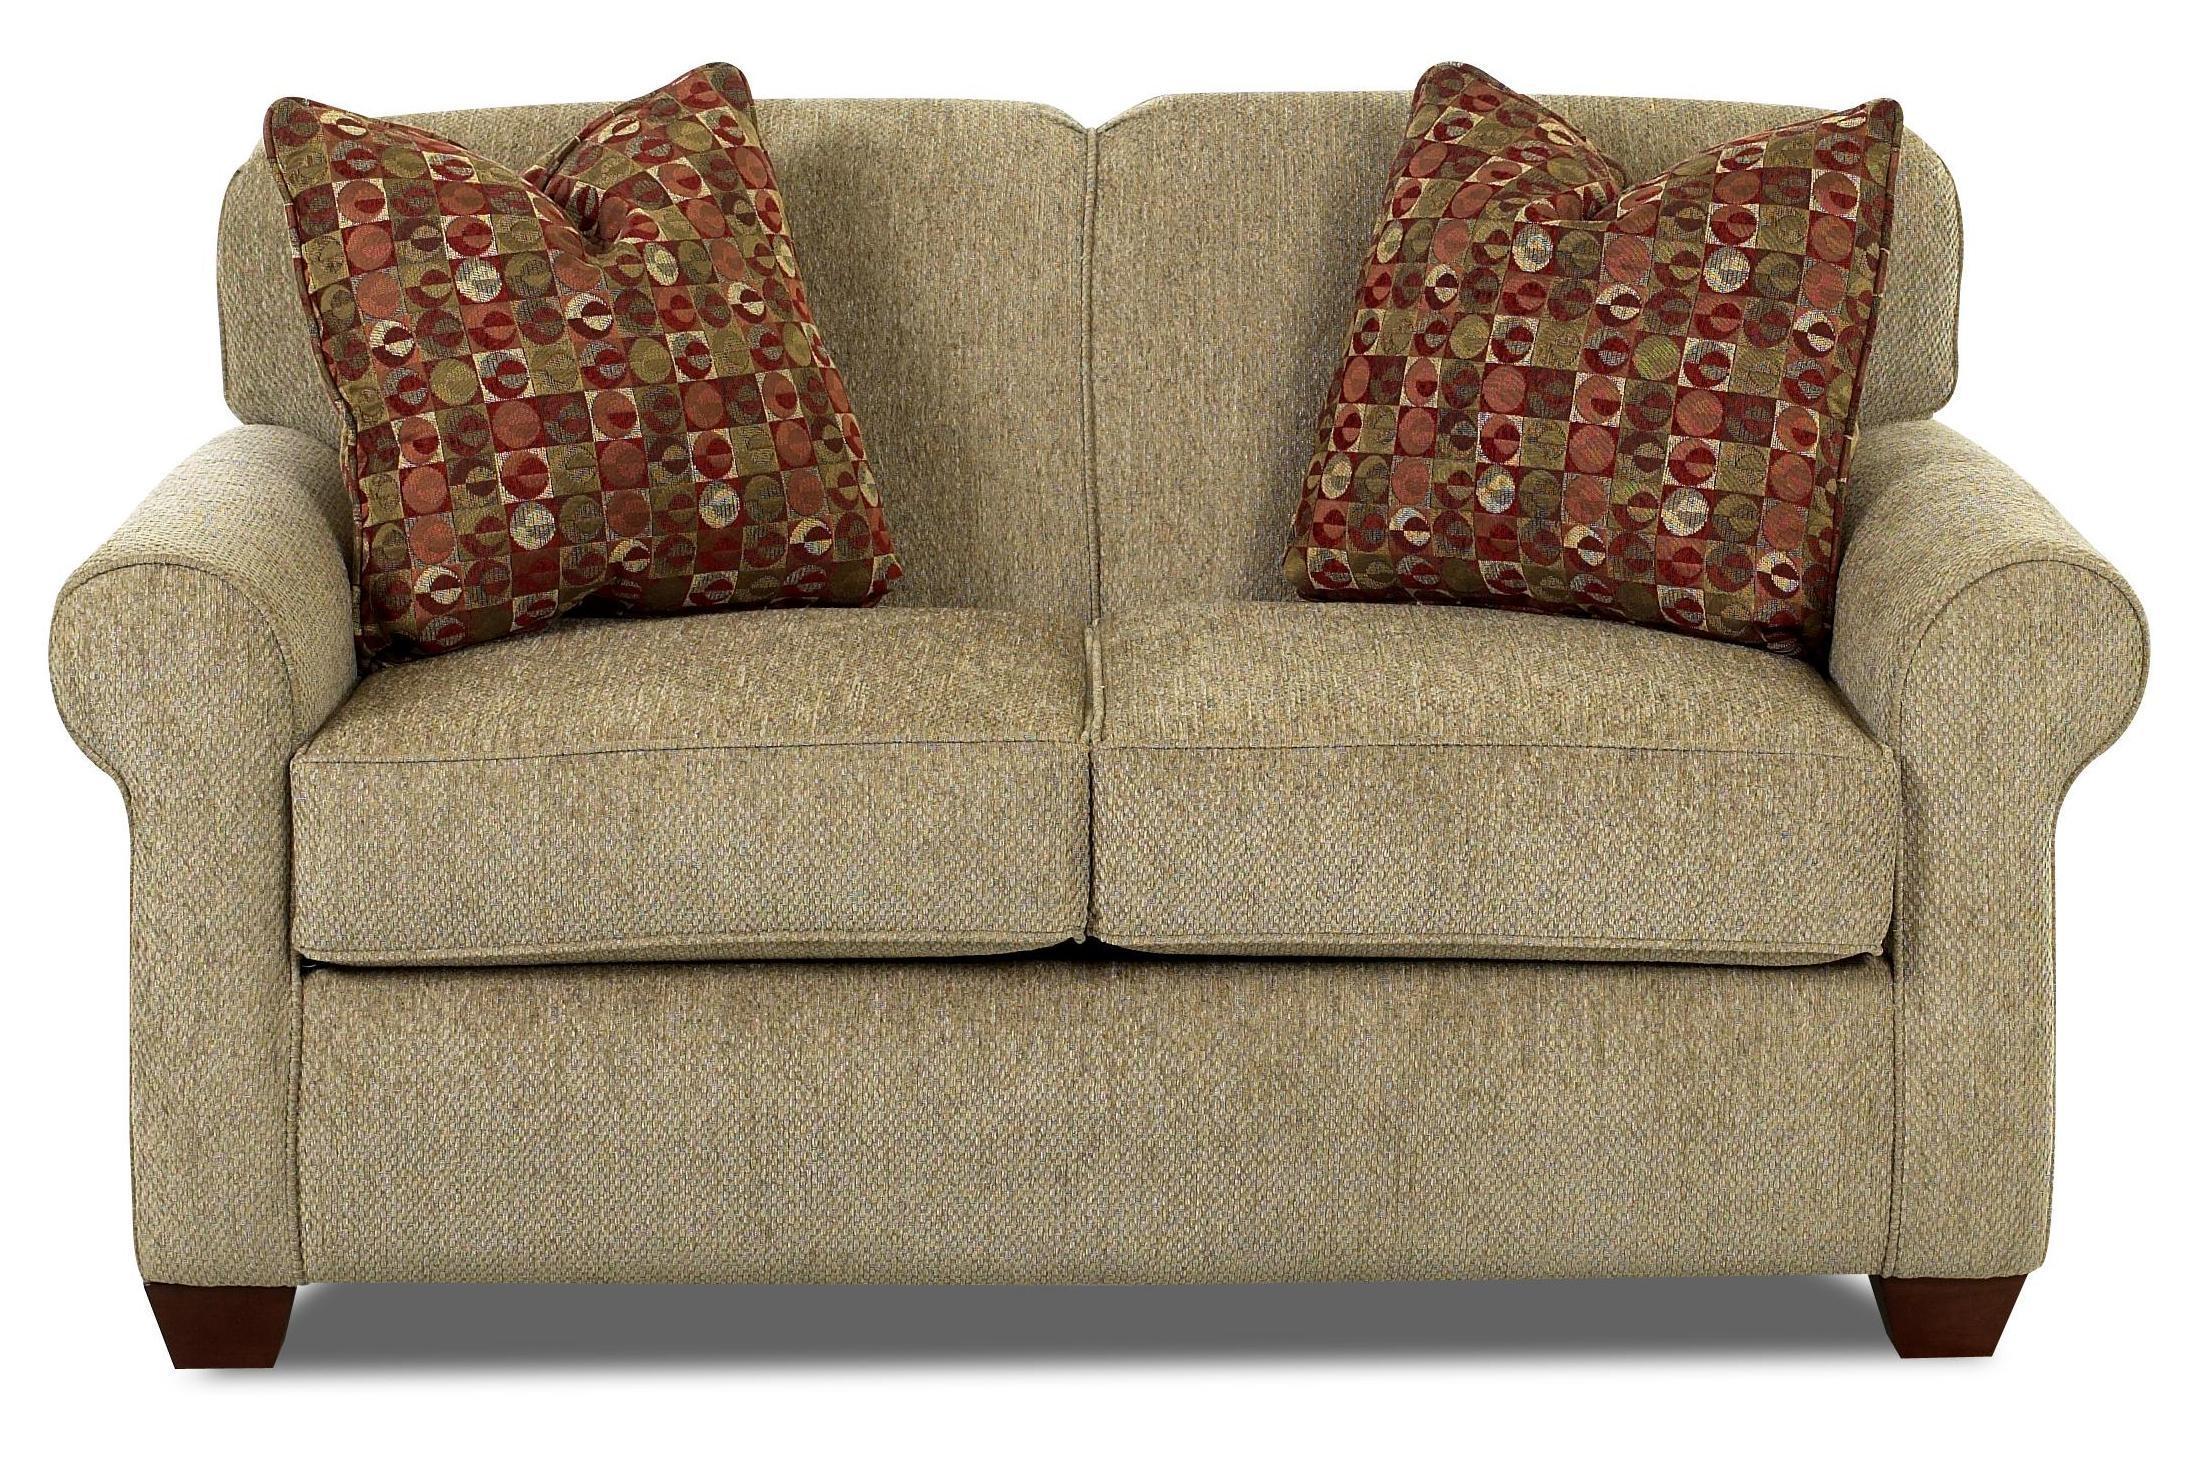 Featured Image of Craigslist Sleeper Sofas